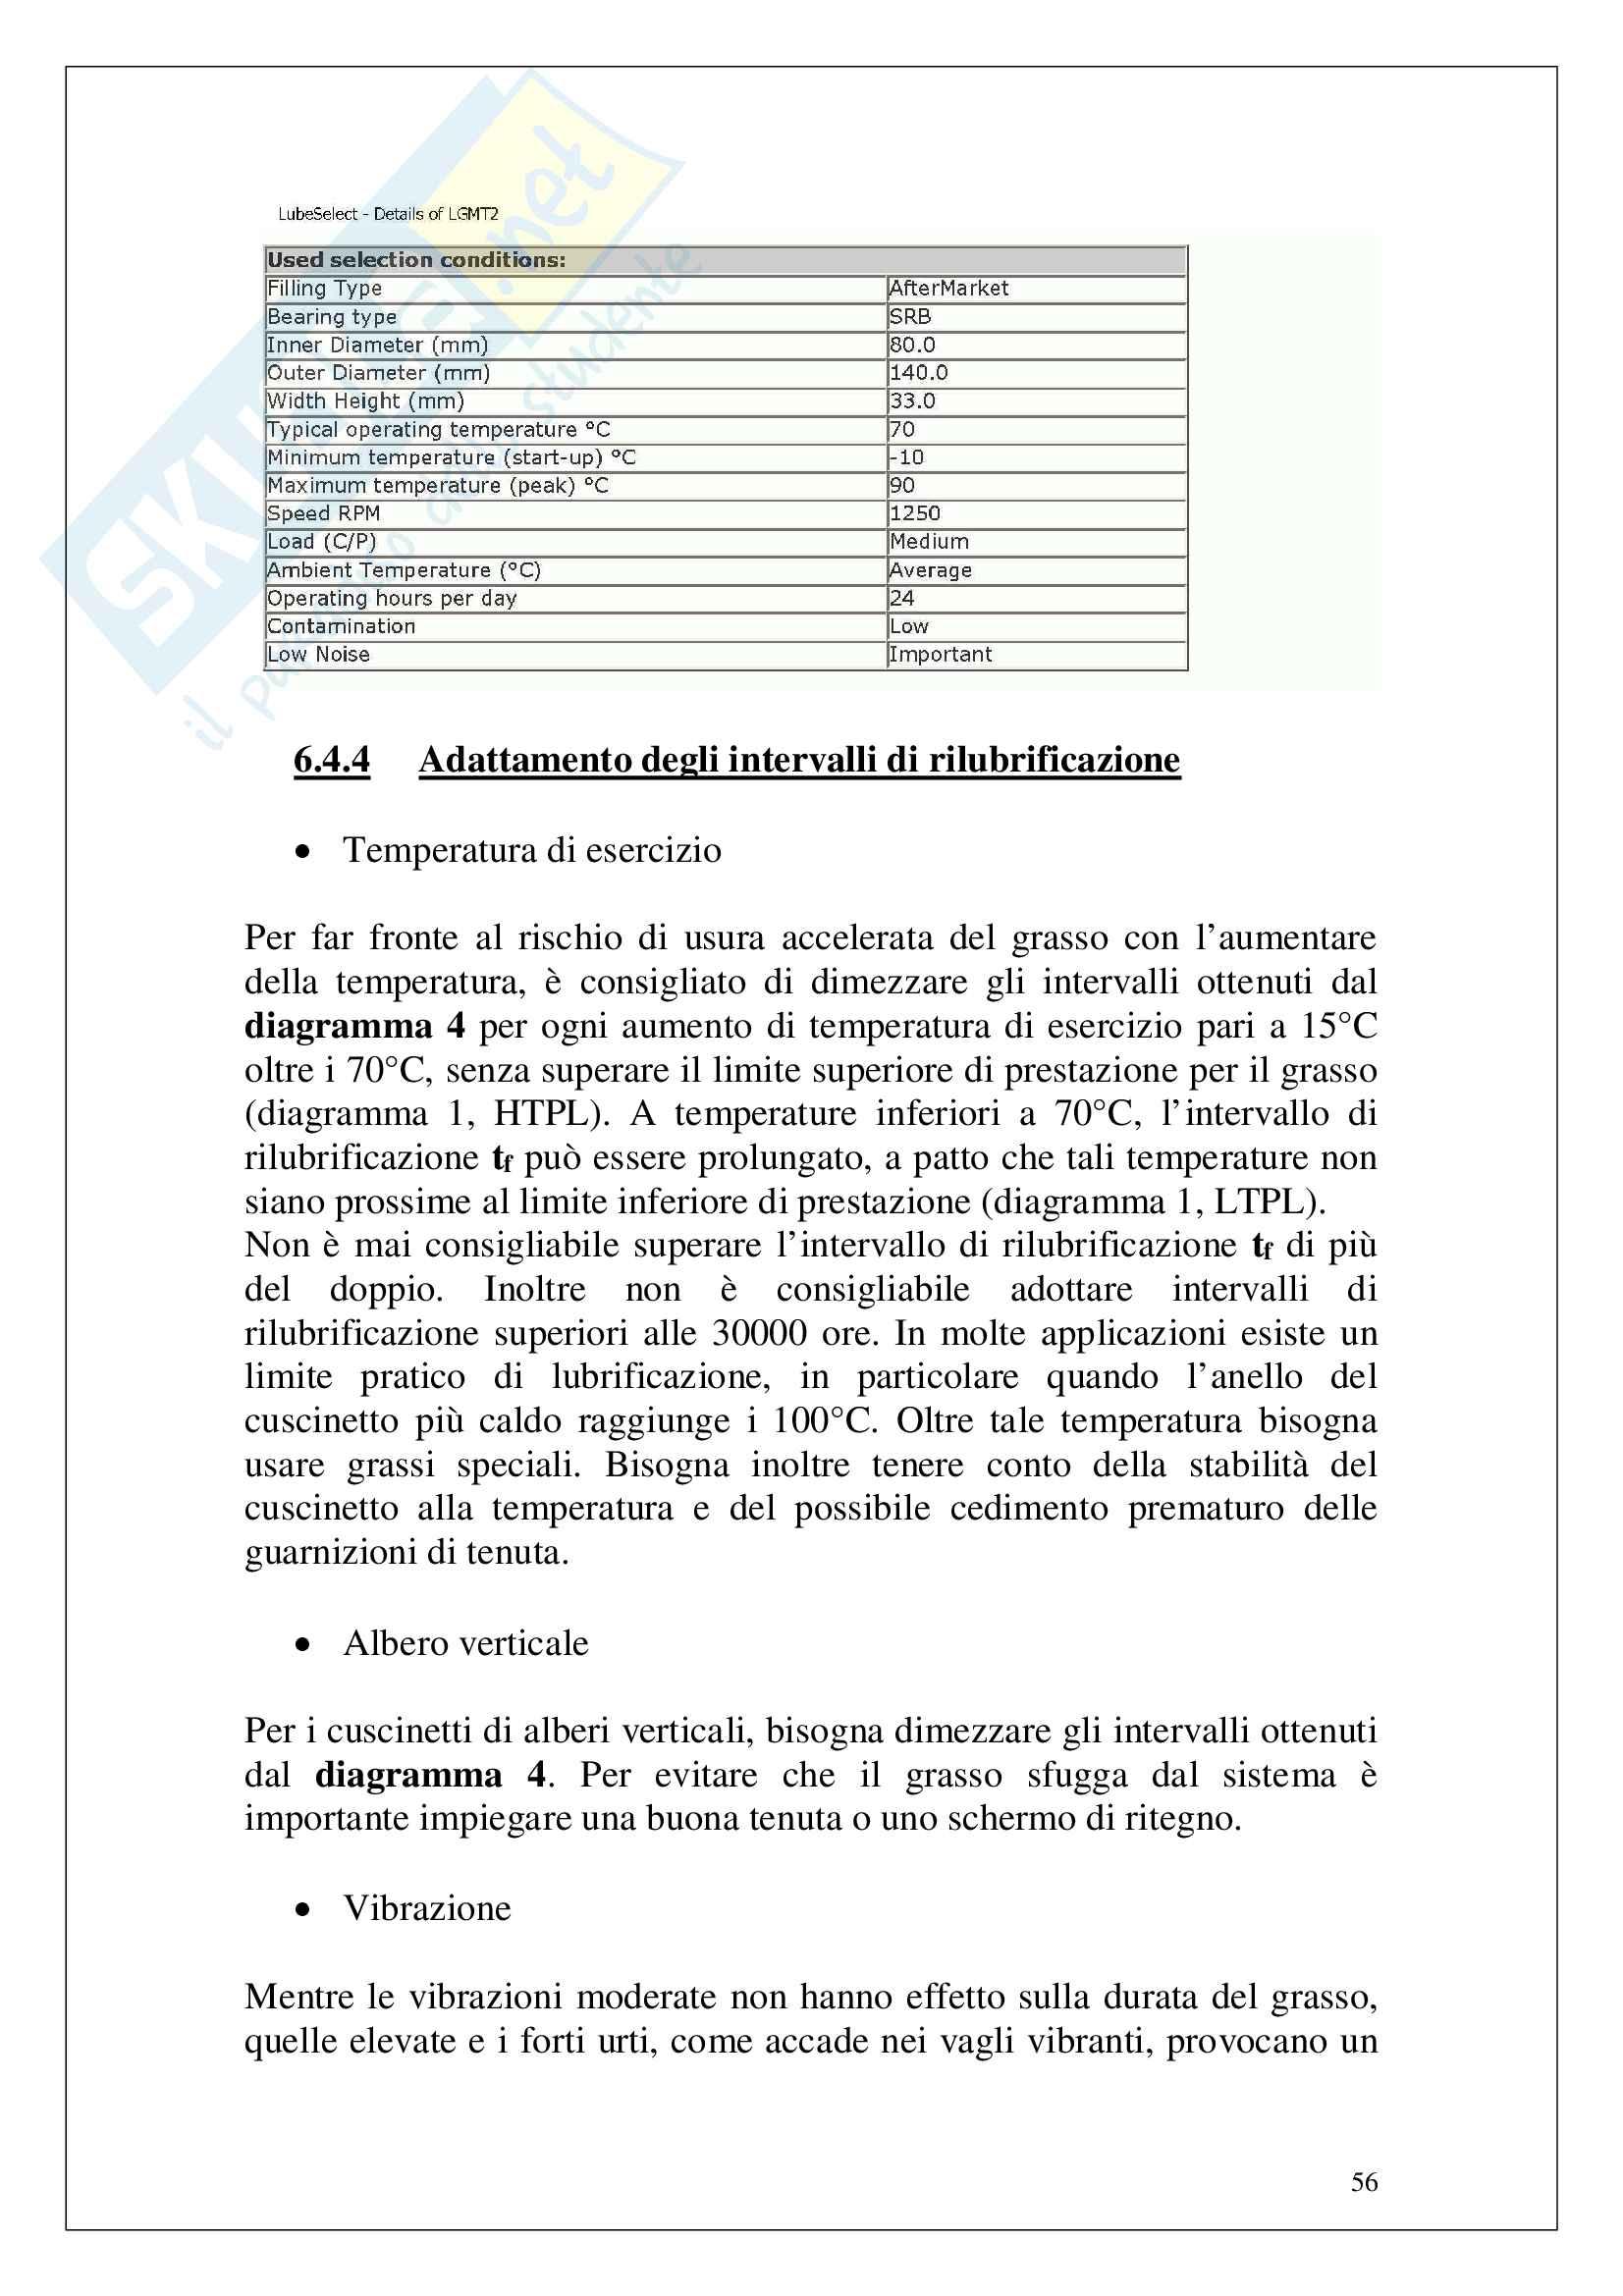 Scelta di cuscinetti per ventilatore centrifugo Pag. 56